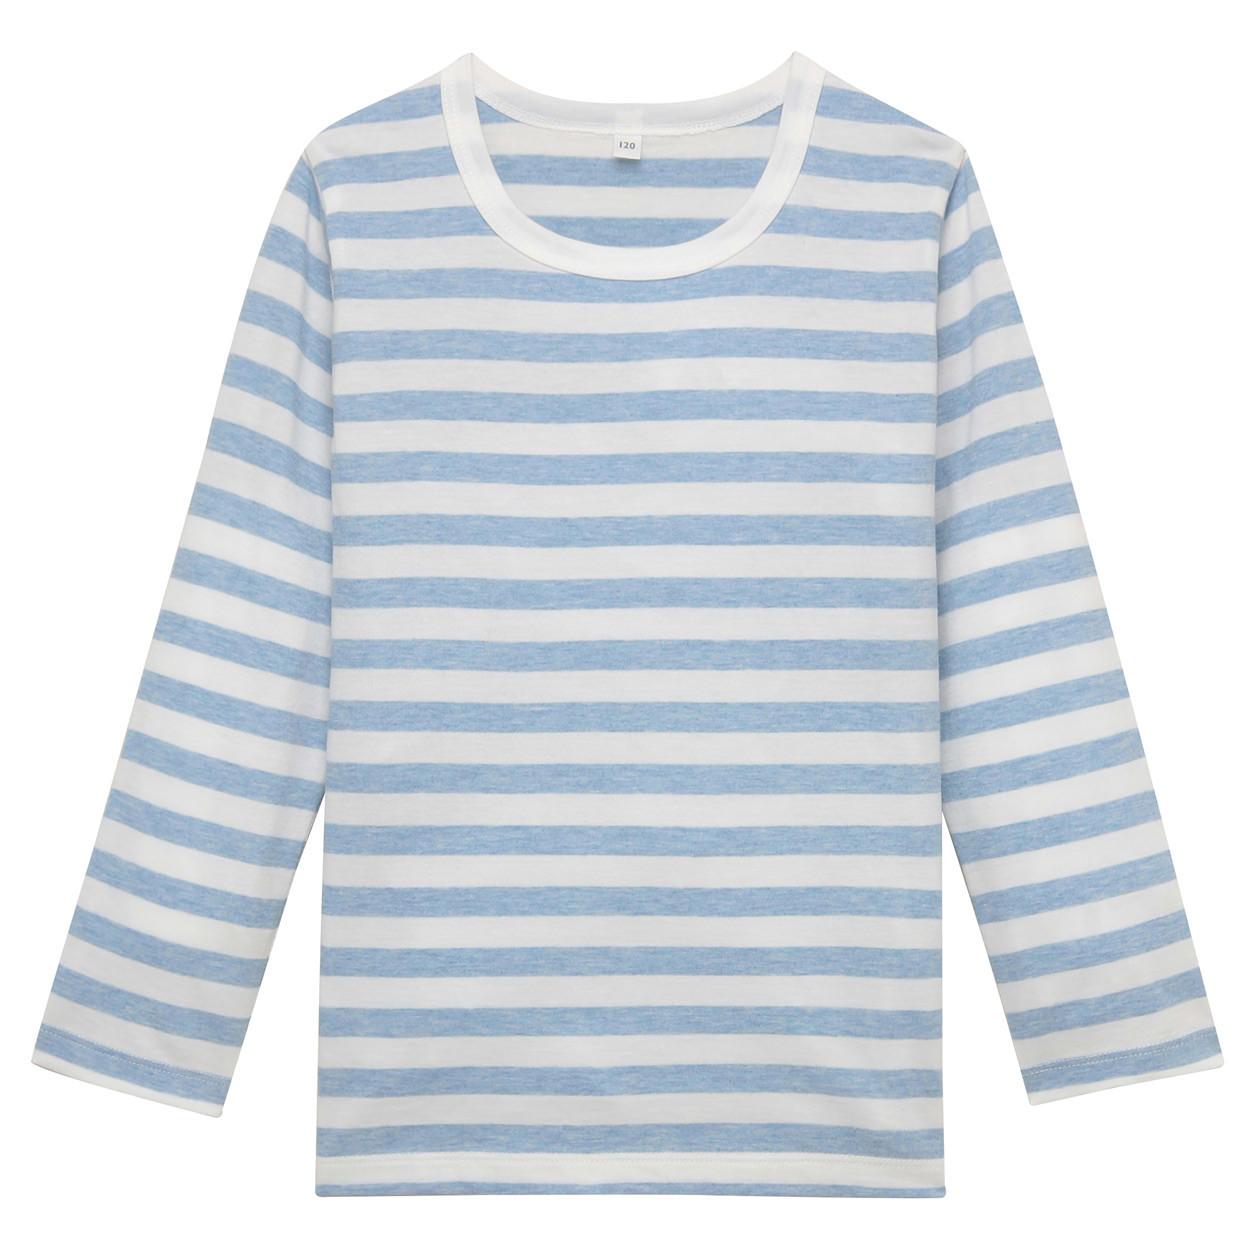 毎日のこども服オーガニックコットンしましま長袖Tシャツ(キッズ)